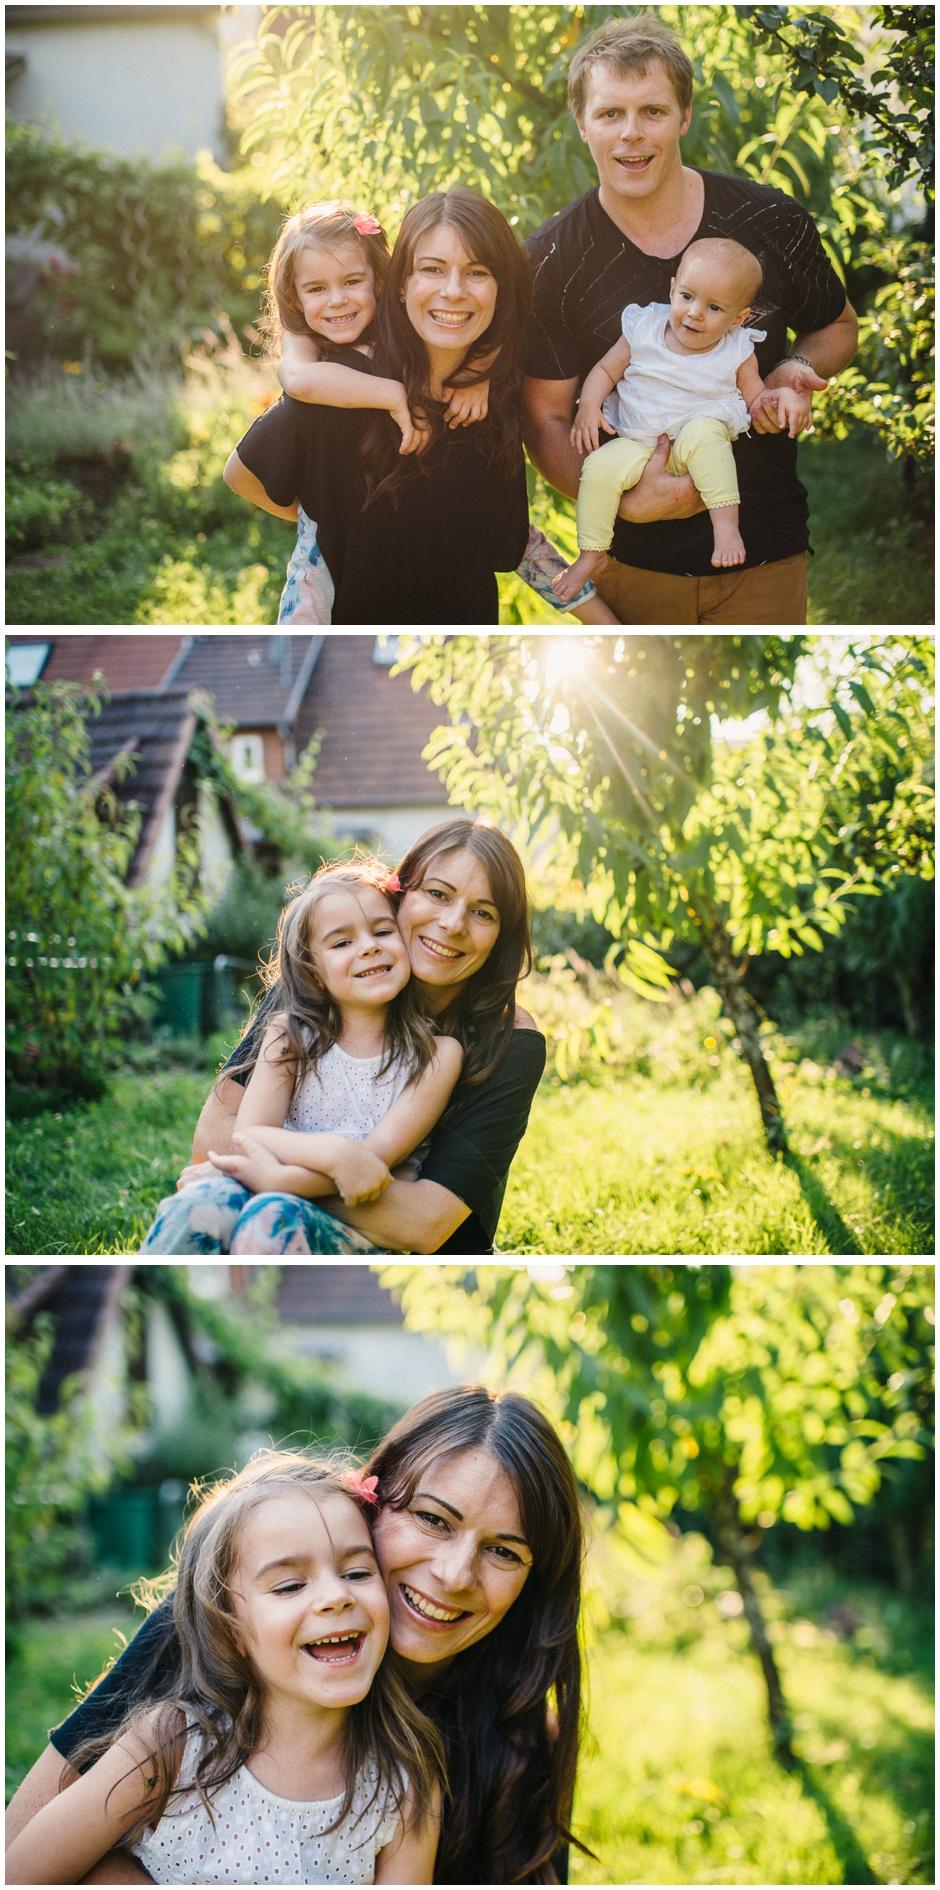 2014-08-11_0006.jpg